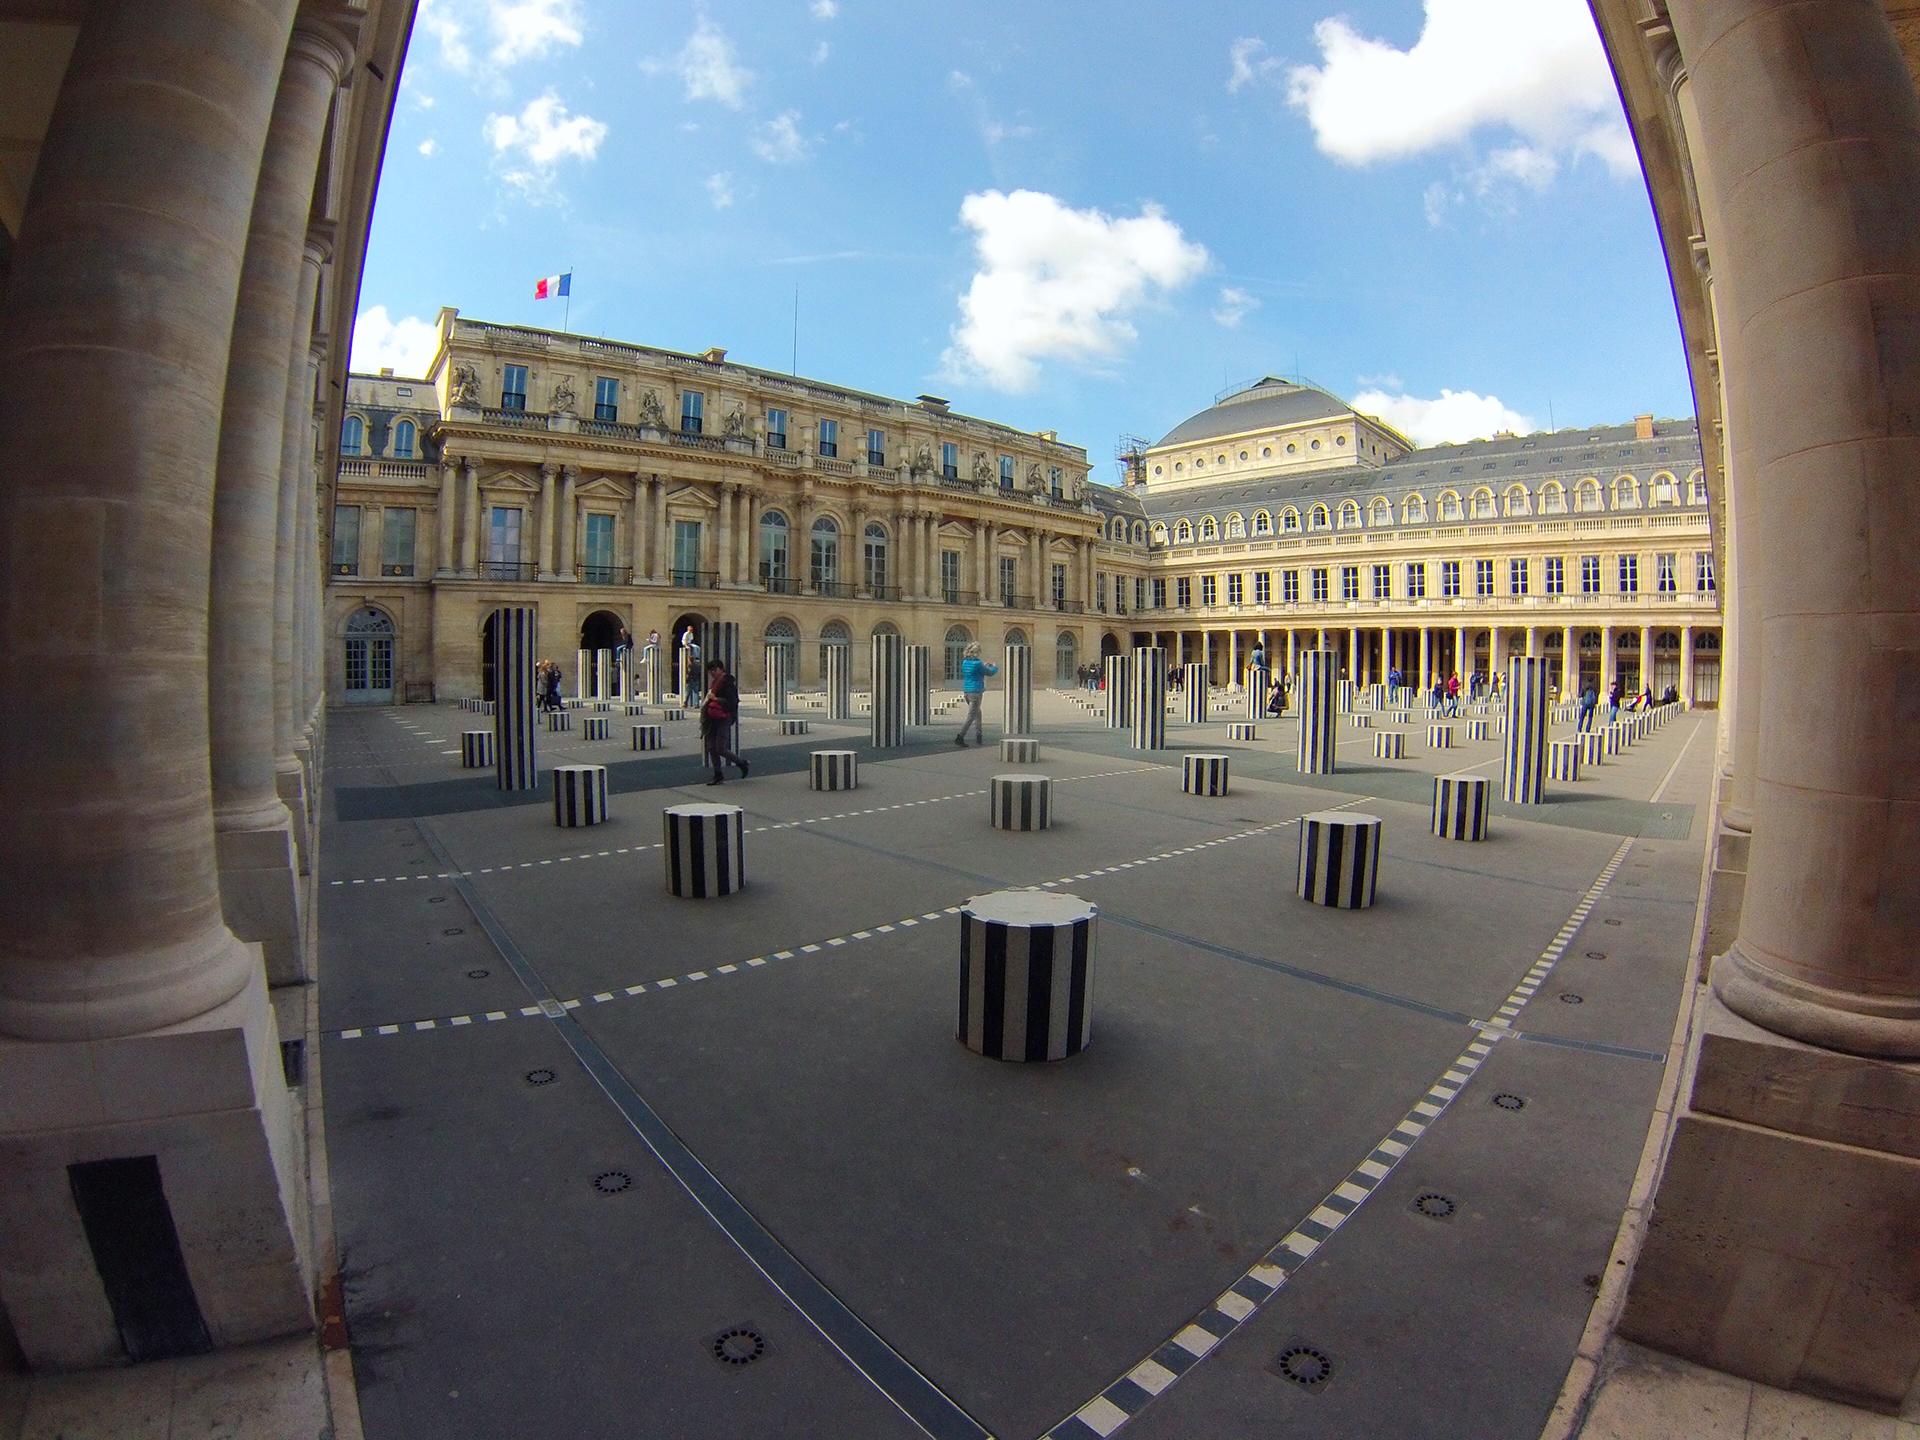 Viajar a Paris con Perro - Travel to Paris with dog viajar a paris con perro - 34560002116 4f6efa120d o - Viajar a Paris con perro